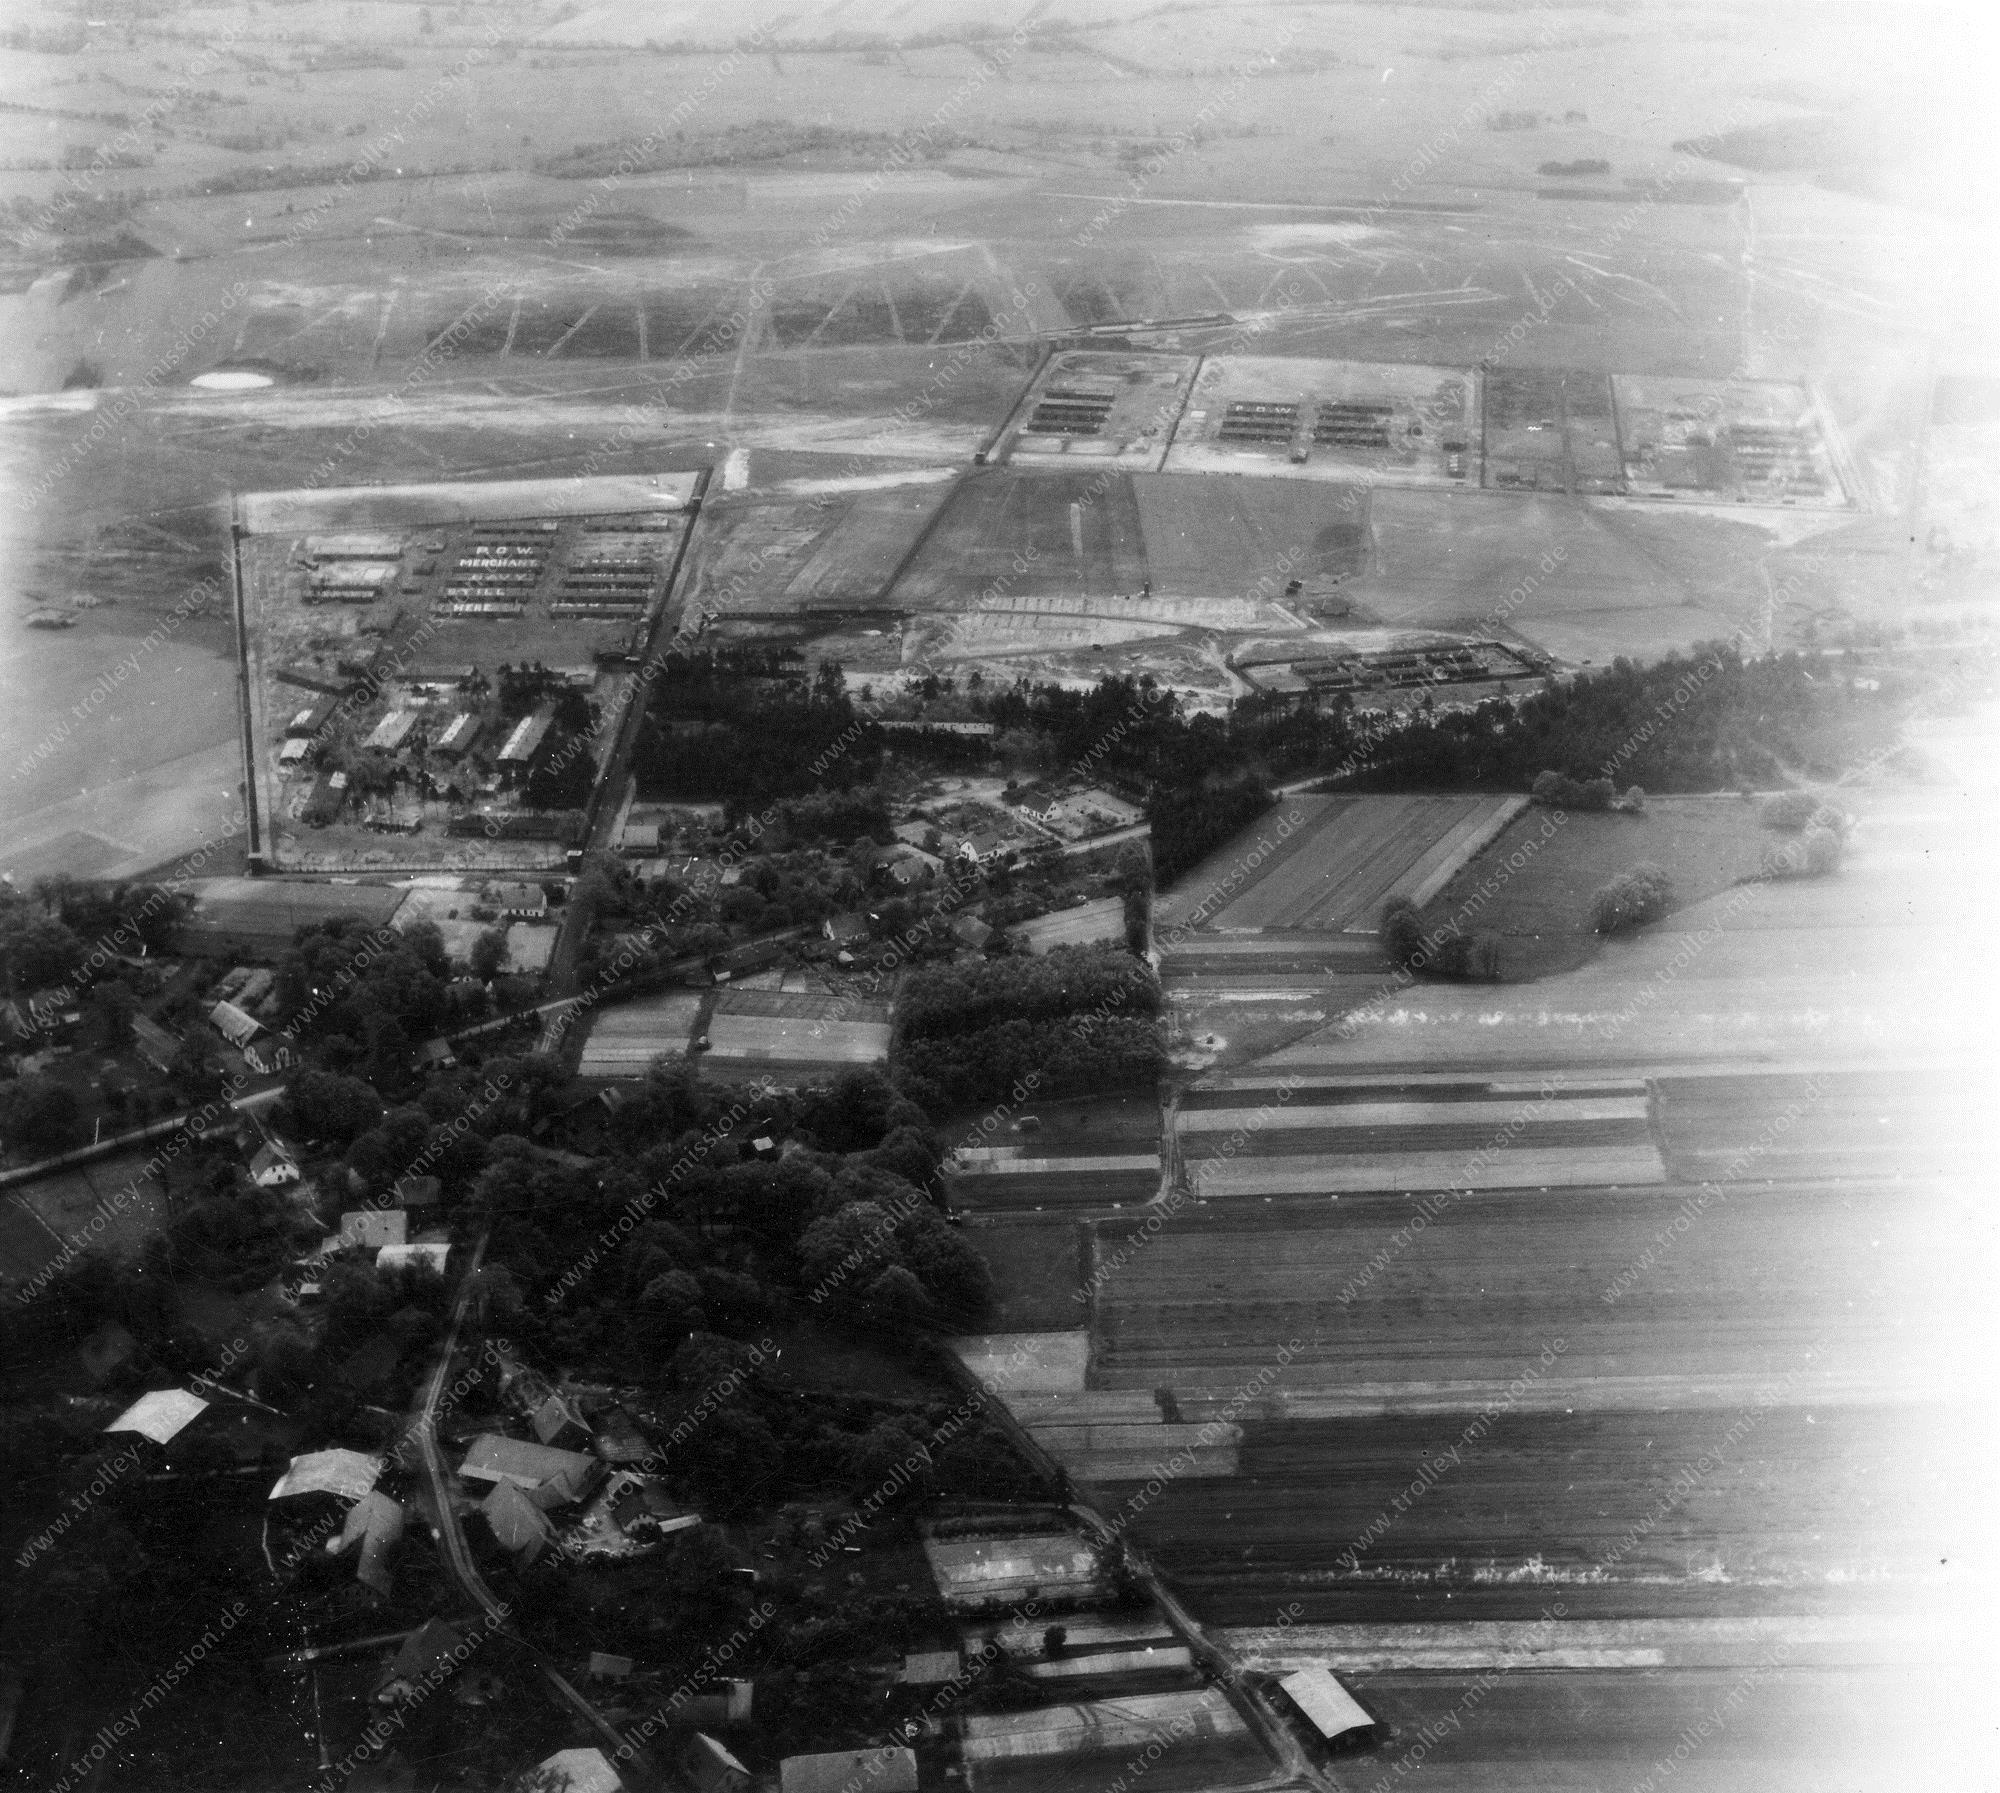 Luftbild Marinelager (MARLAG) und Marine-Internierten-Lager (MILAG) in Westertimke